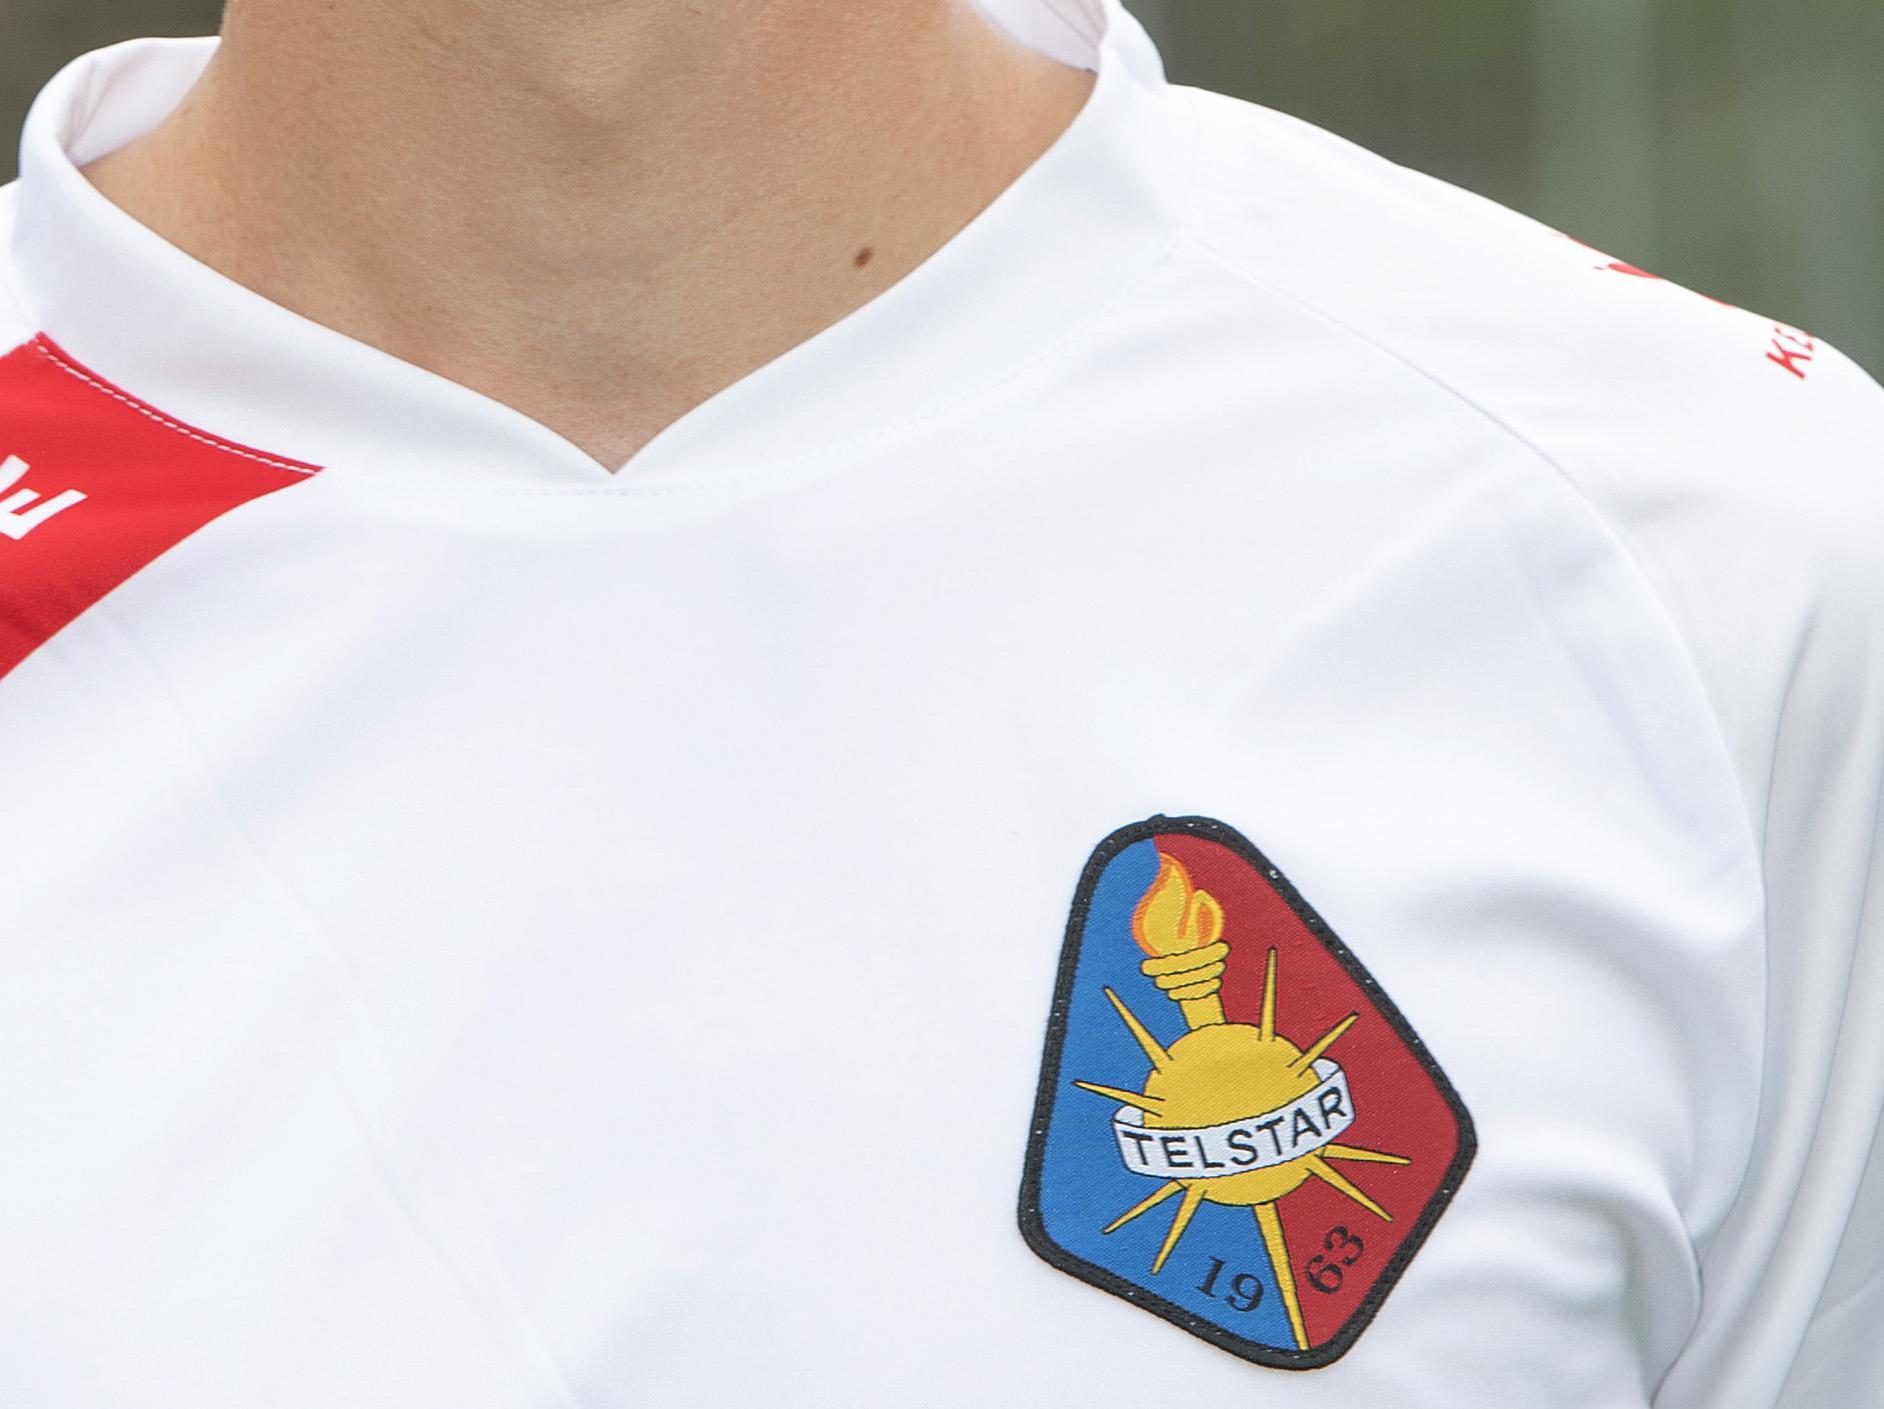 Telstar wint op verjaardag van trainer Andries Jonker met 2-1 van Excelsior door late goal Yaël Liesdek